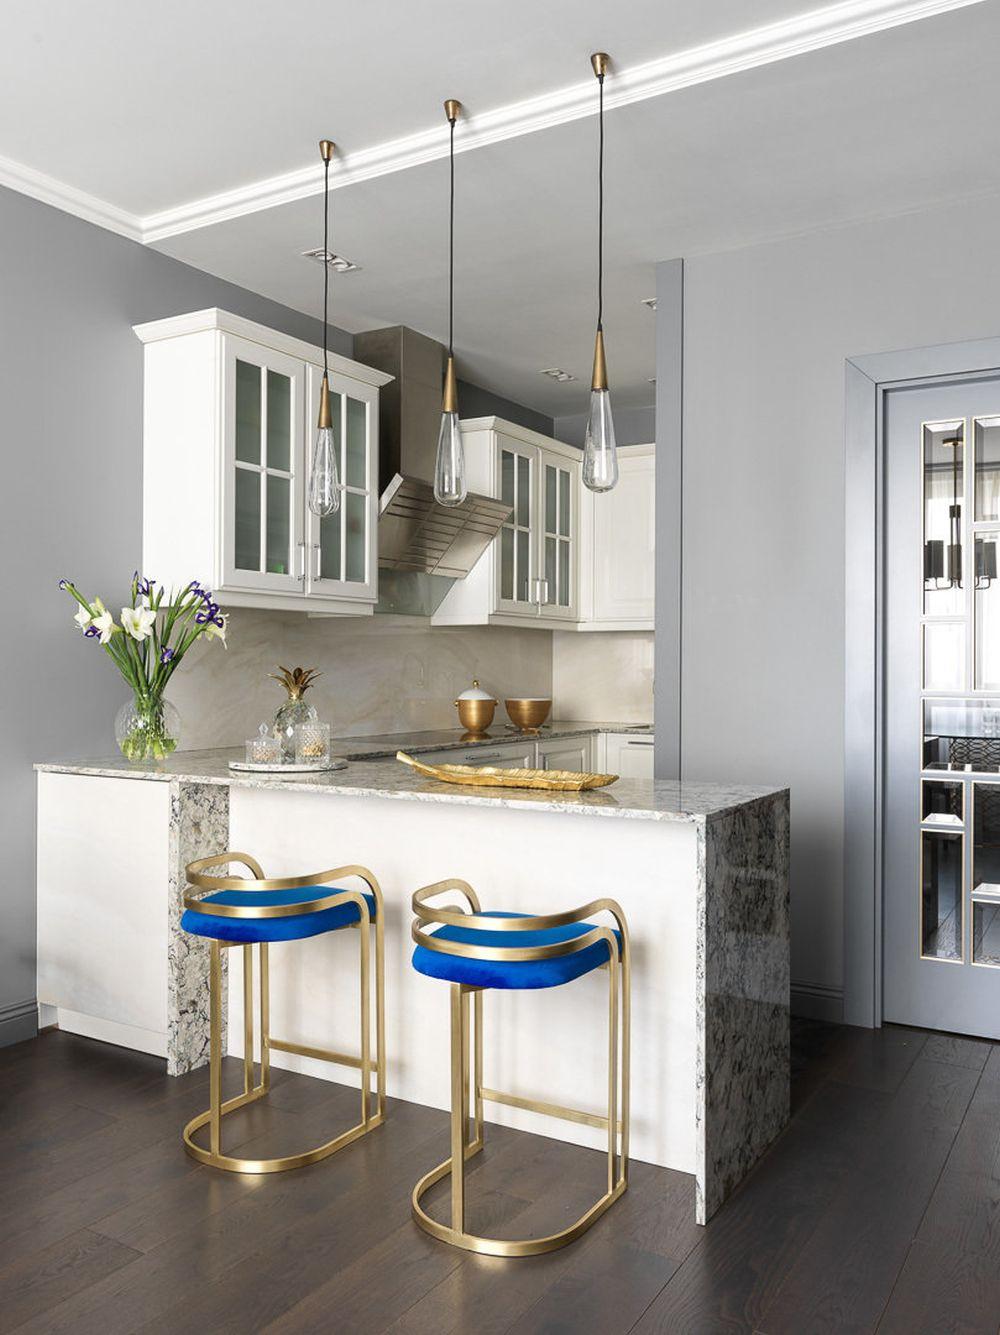 adelaparvu.com despre apartament elegant 90 mp, Moscova, designer Zhenya Zhdanova, Foto Maria Irinarkhova si Stephan Julliard (19)